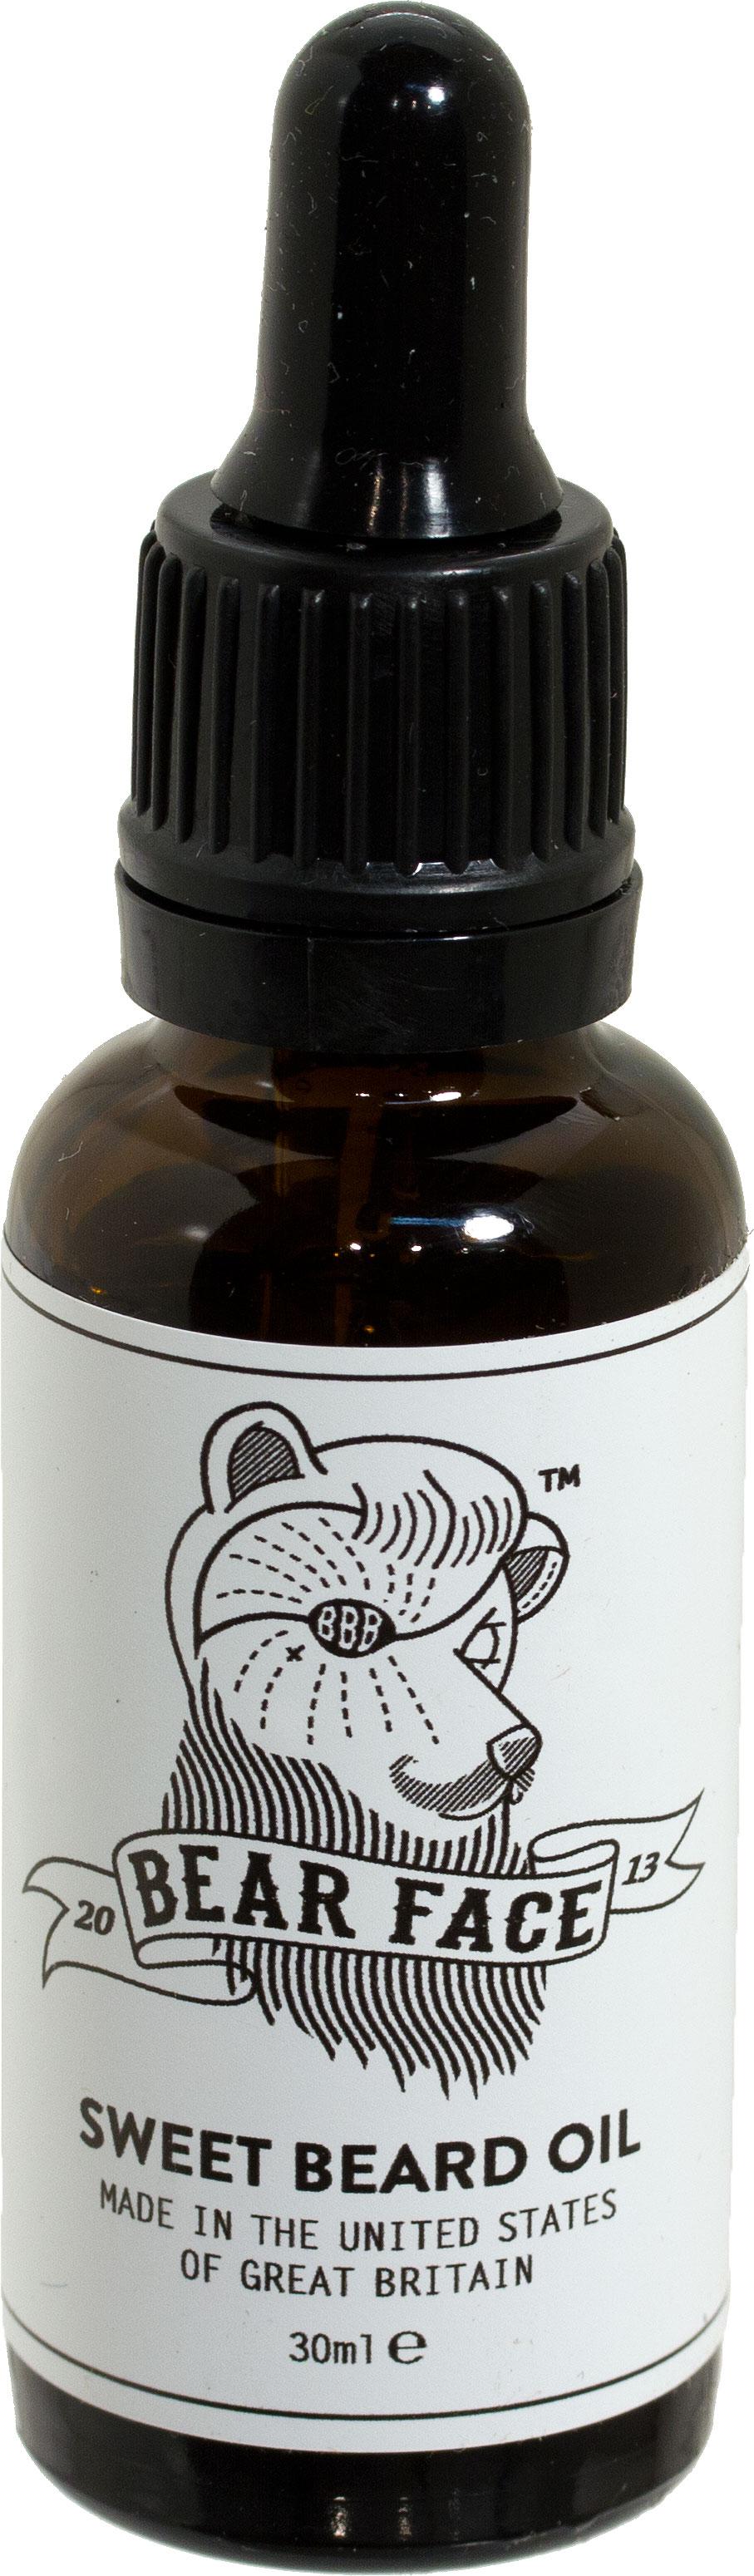 Bear Face Sweet Beard Oil for All Faces, 30ml Eye Dropper Bottle